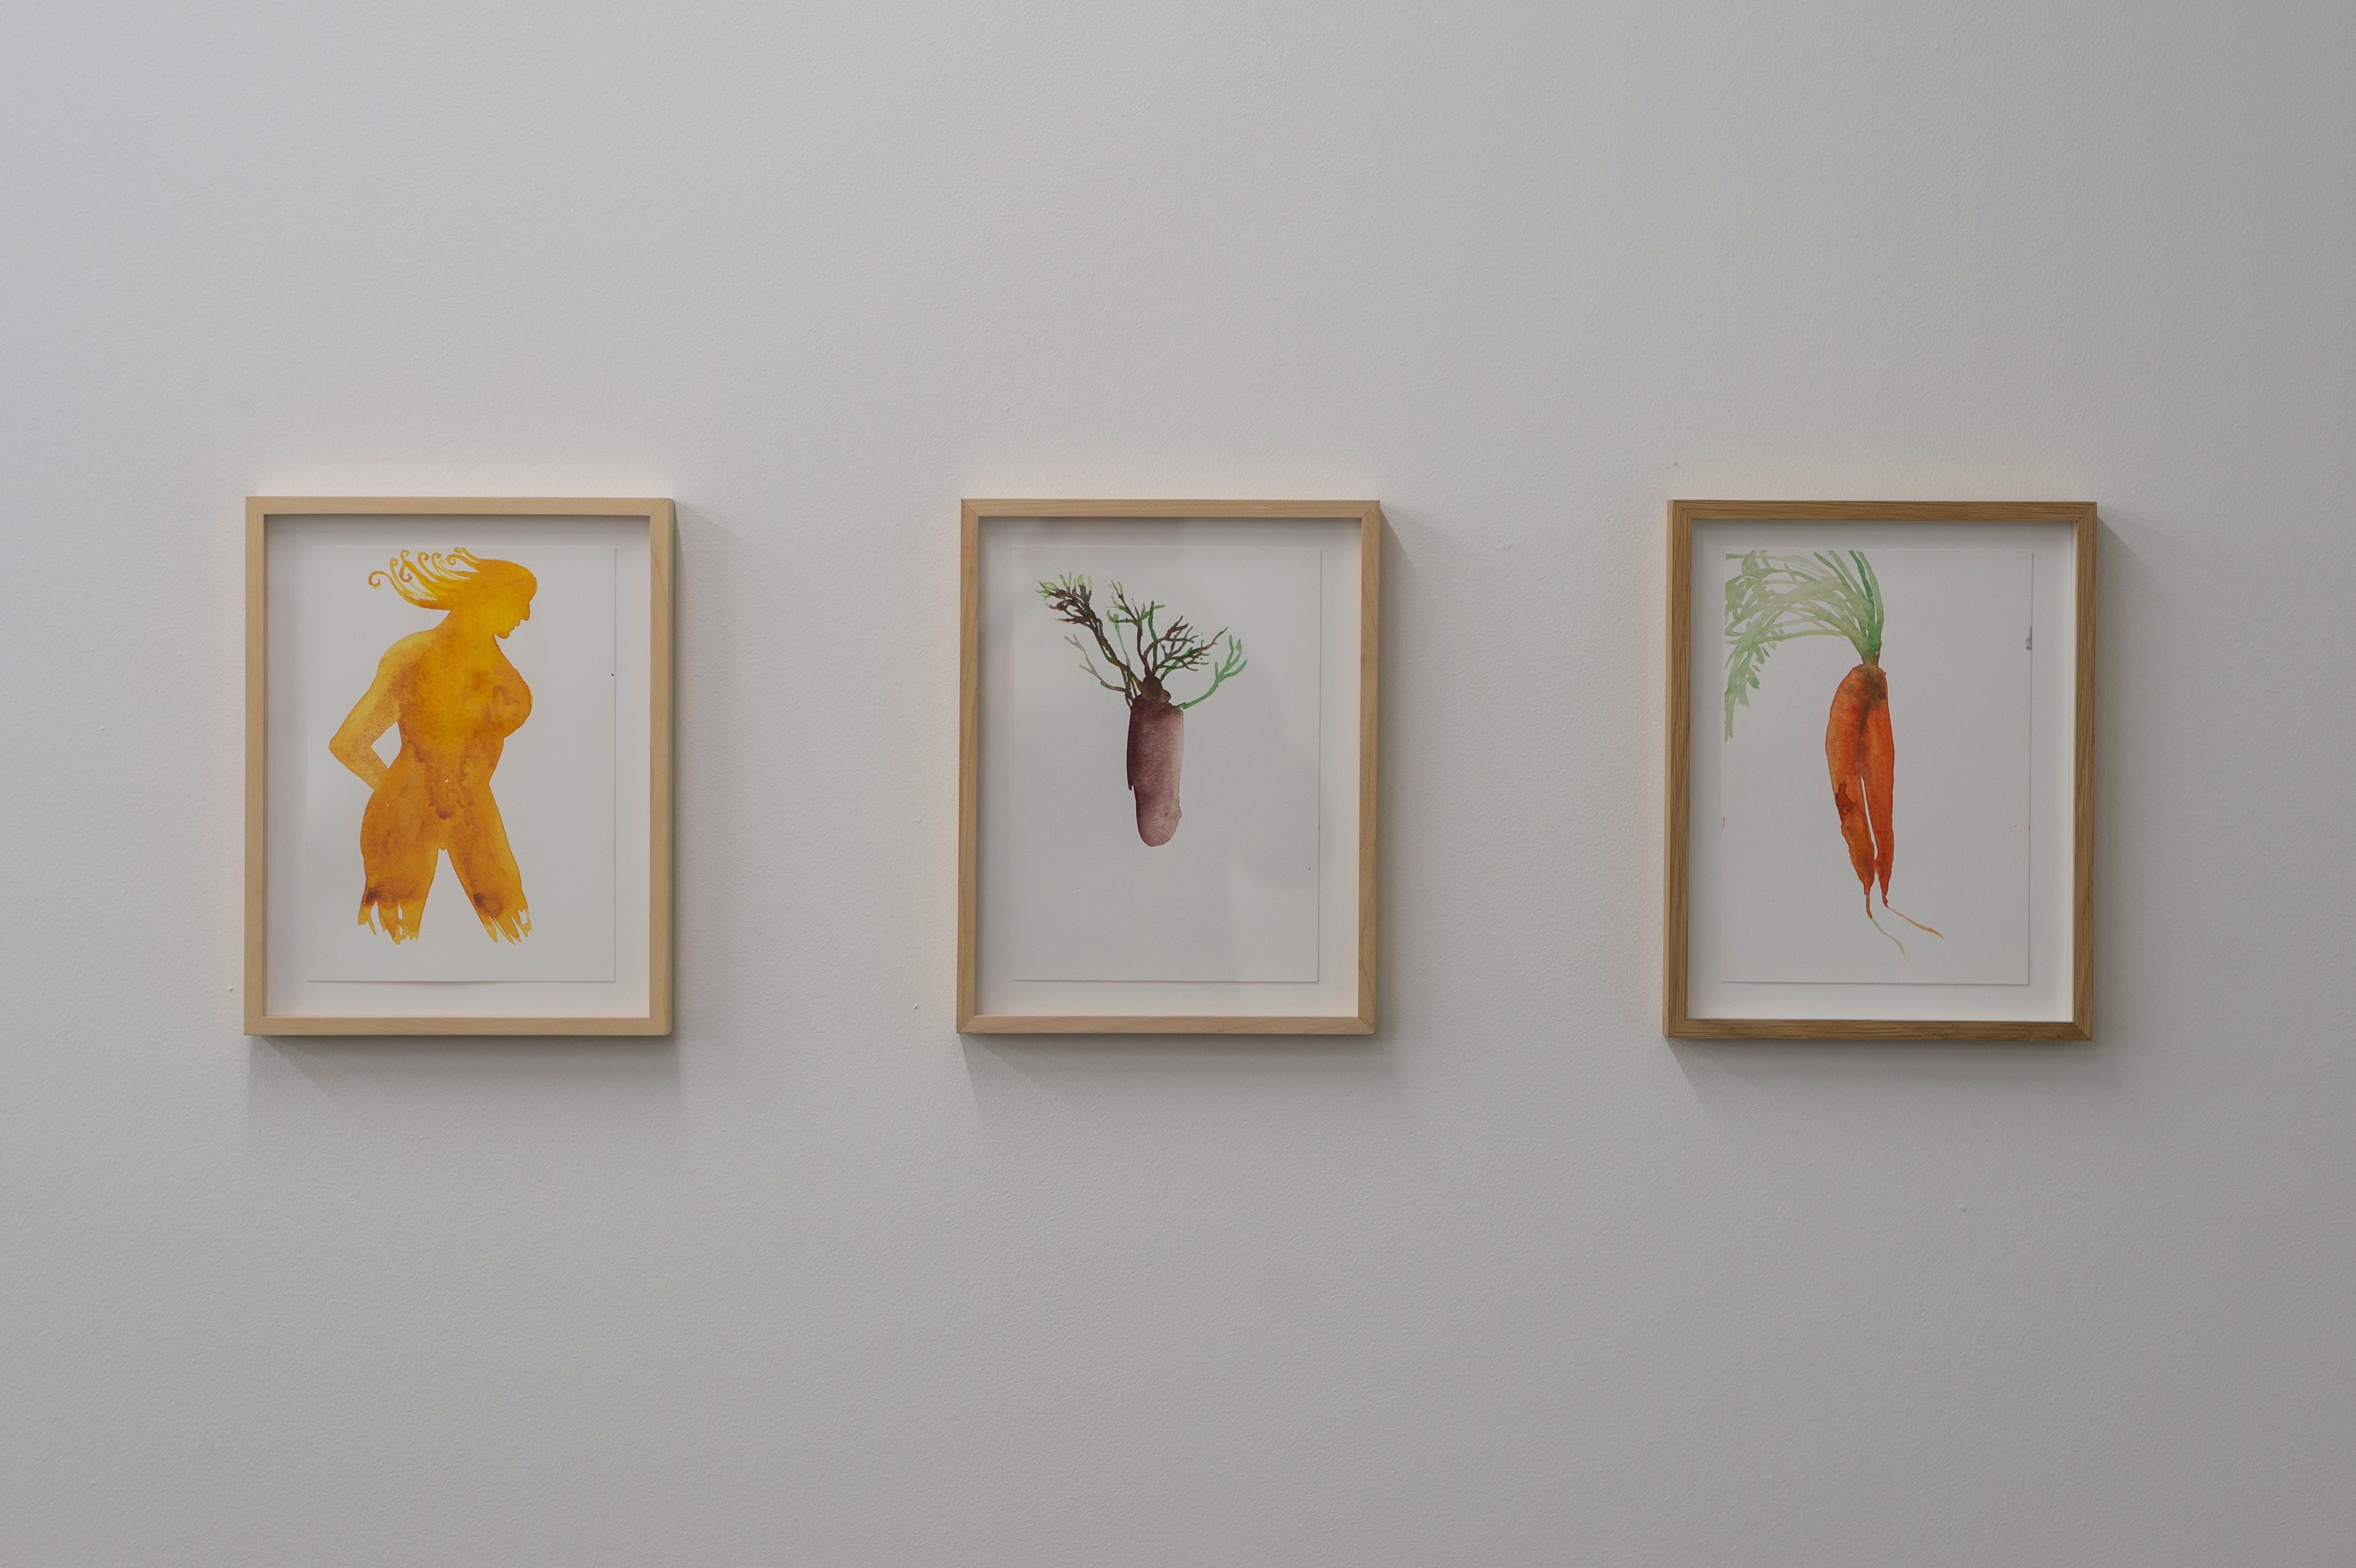 «Karotte», «Rübe», «Jaune» – so heissen diese Aquarelle auf Papier von rechts nach links.